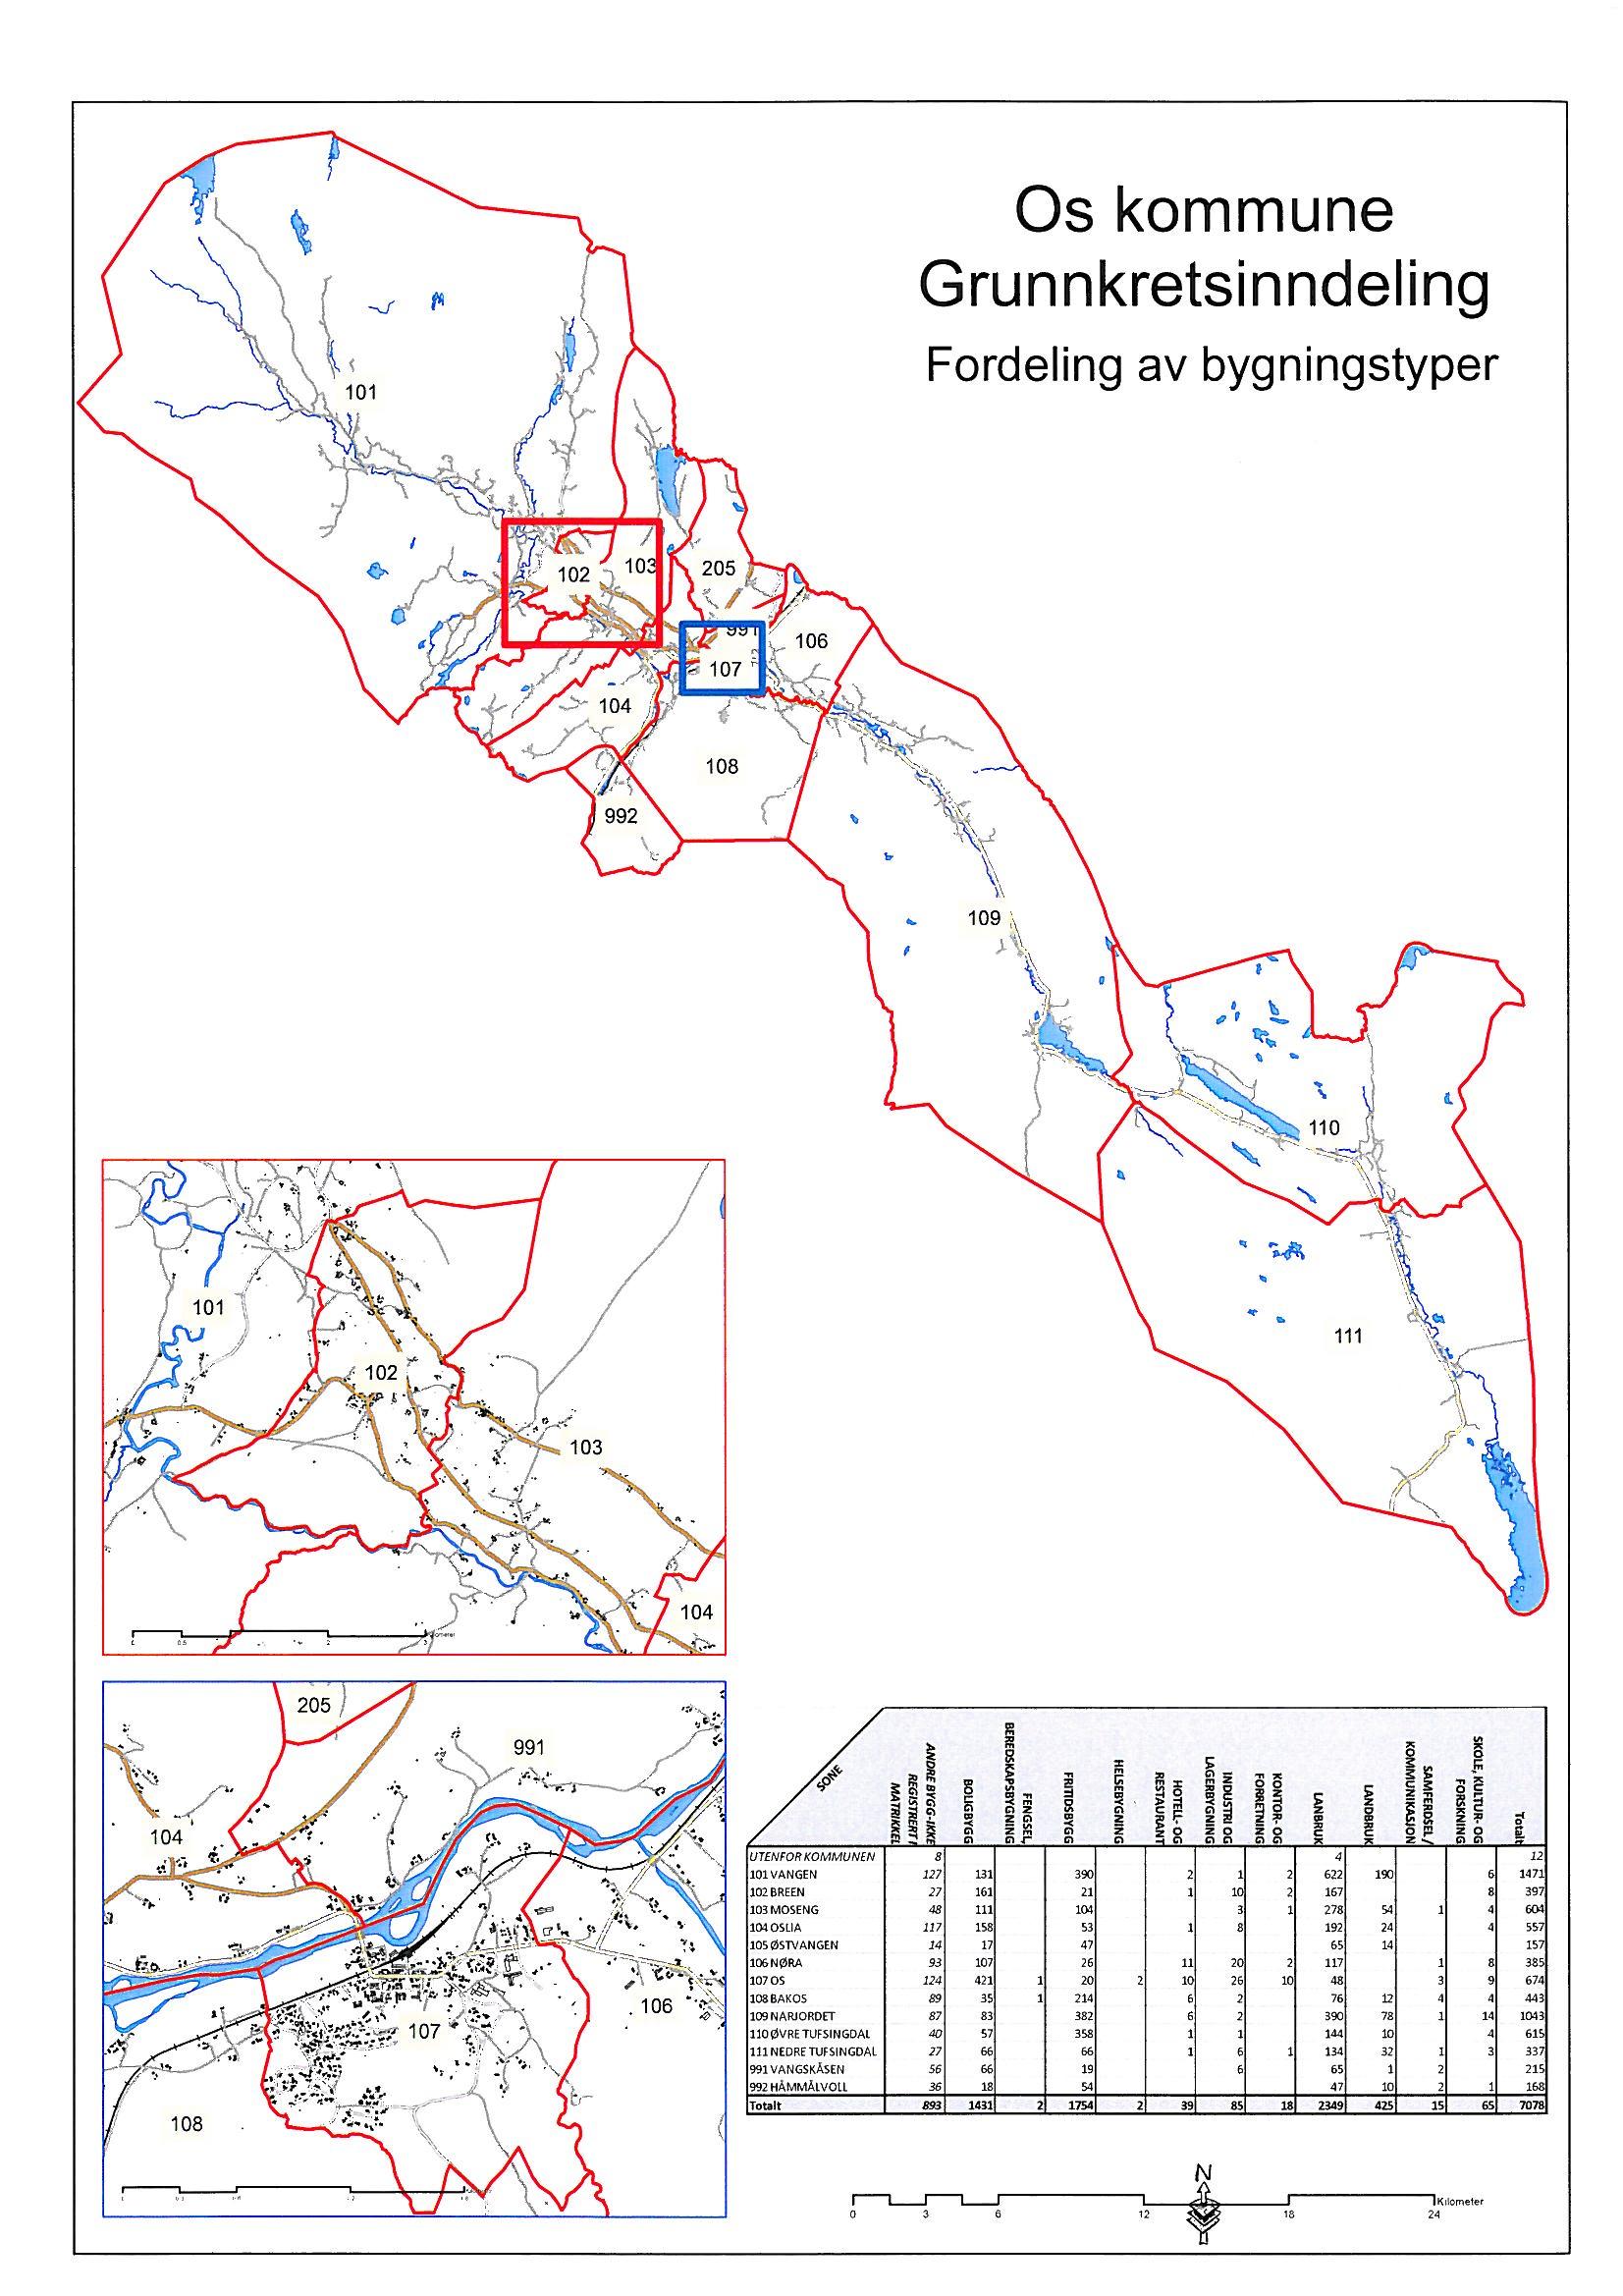 os kommune hedmark kart Eiendomsskatt 2017   retningslinjer   kart   informasjon   Os kommune os kommune hedmark kart